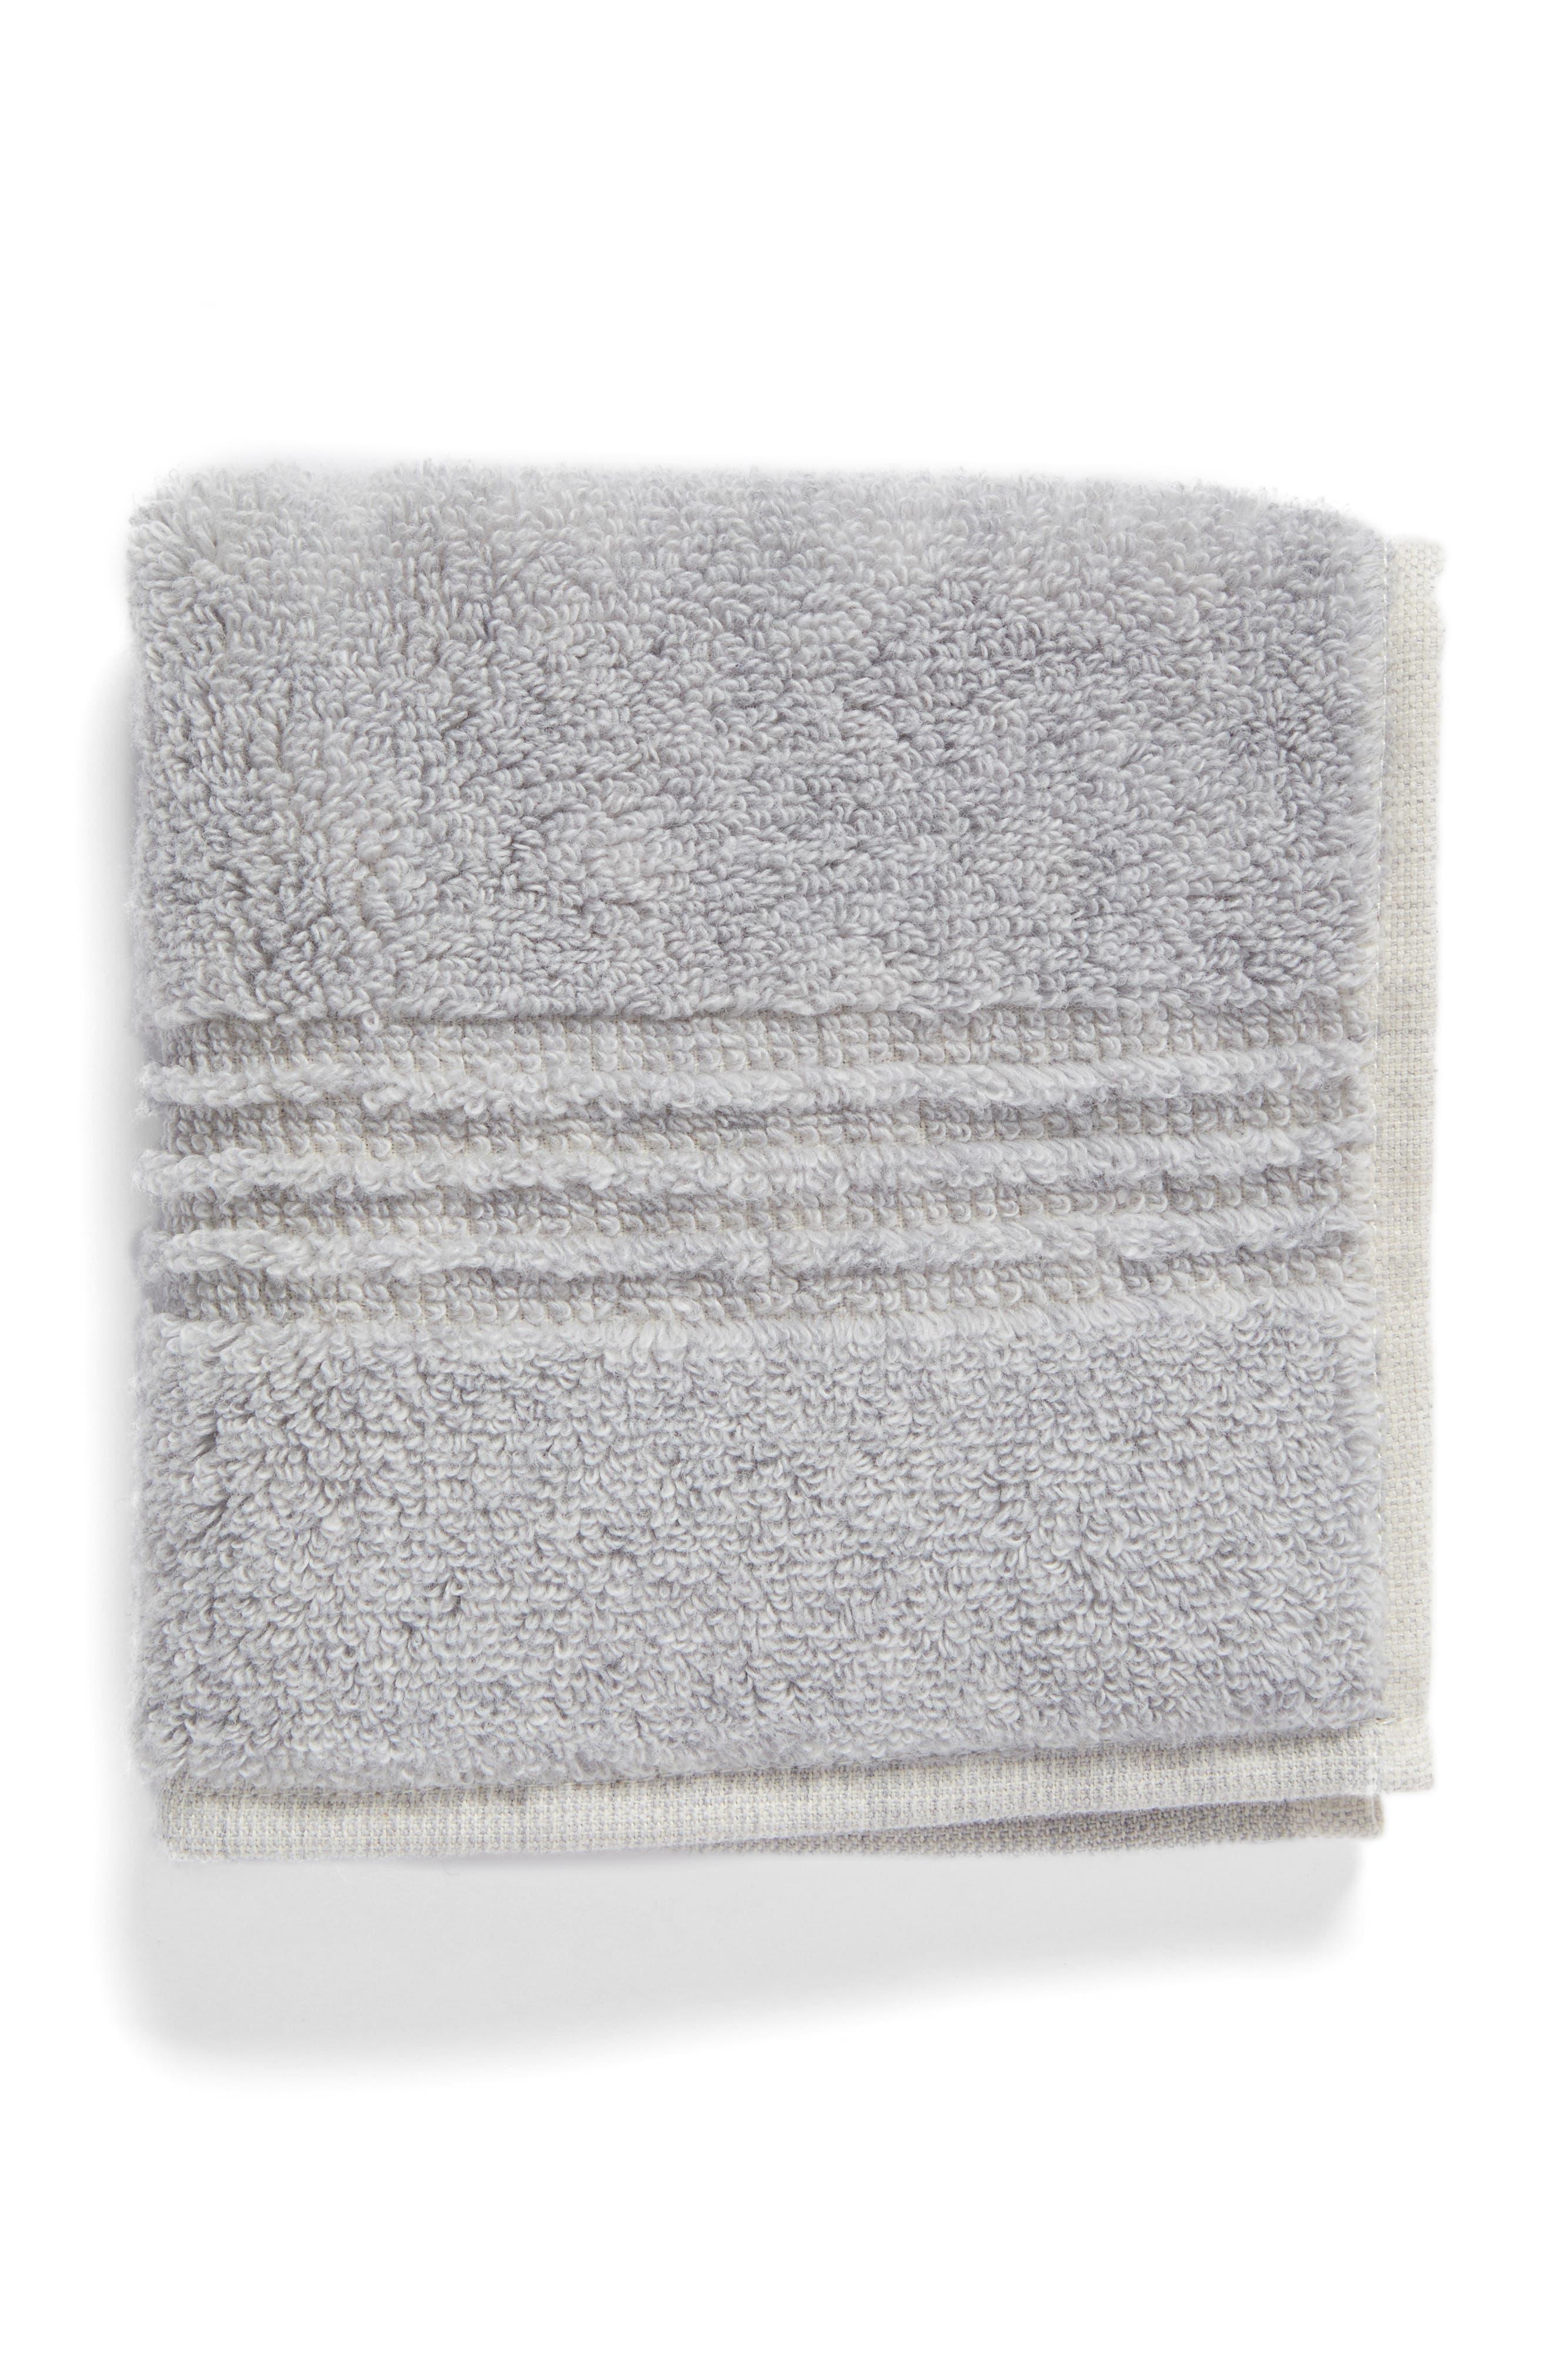 Organic Hydrocotton Washcloth,                         Main,                         color, Grey Soft